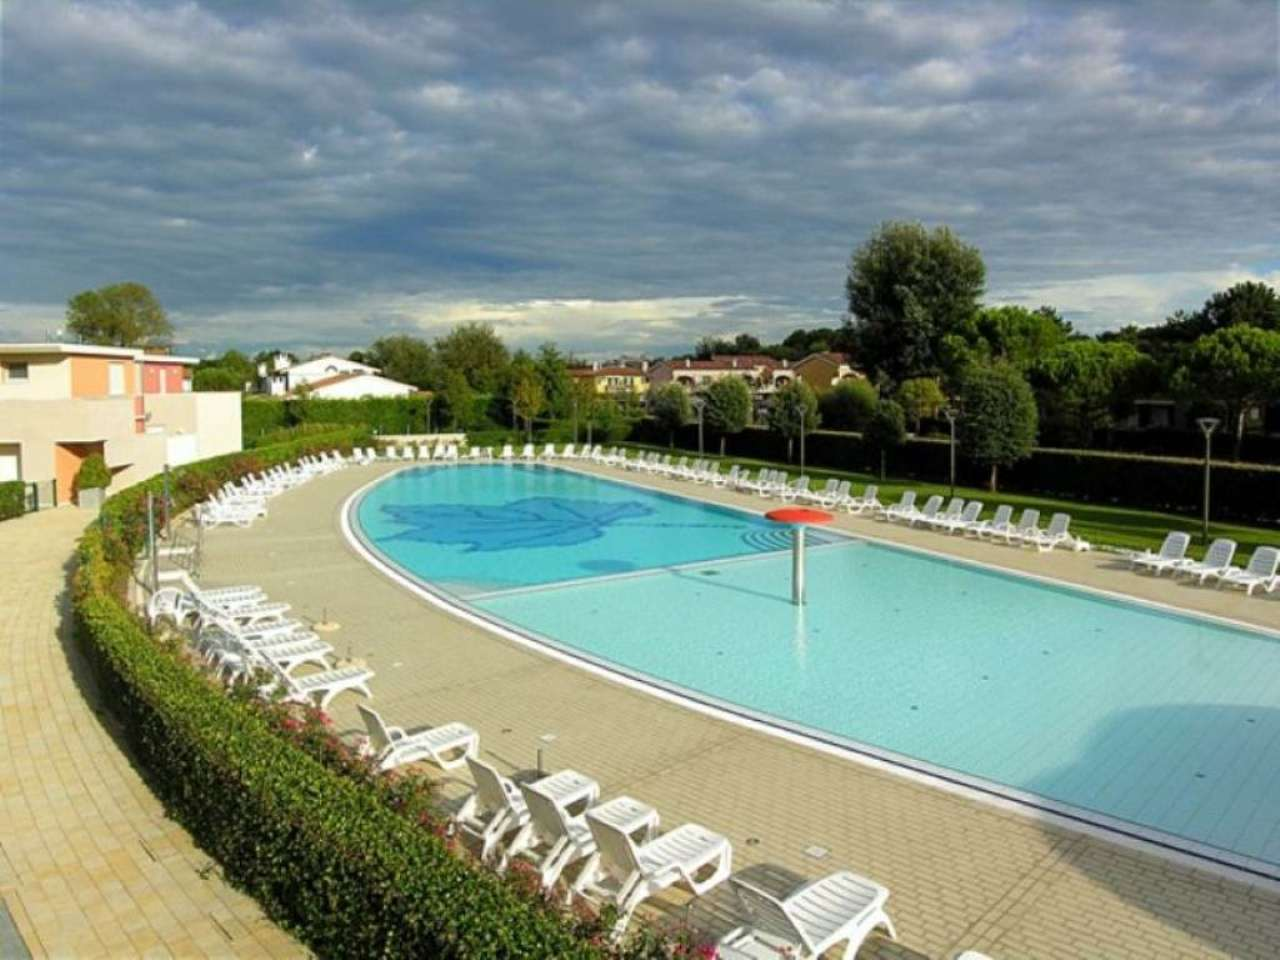 Appartamento in vendita a San Michele al Tagliamento, 2 locali, prezzo € 220.000 | Cambio Casa.it